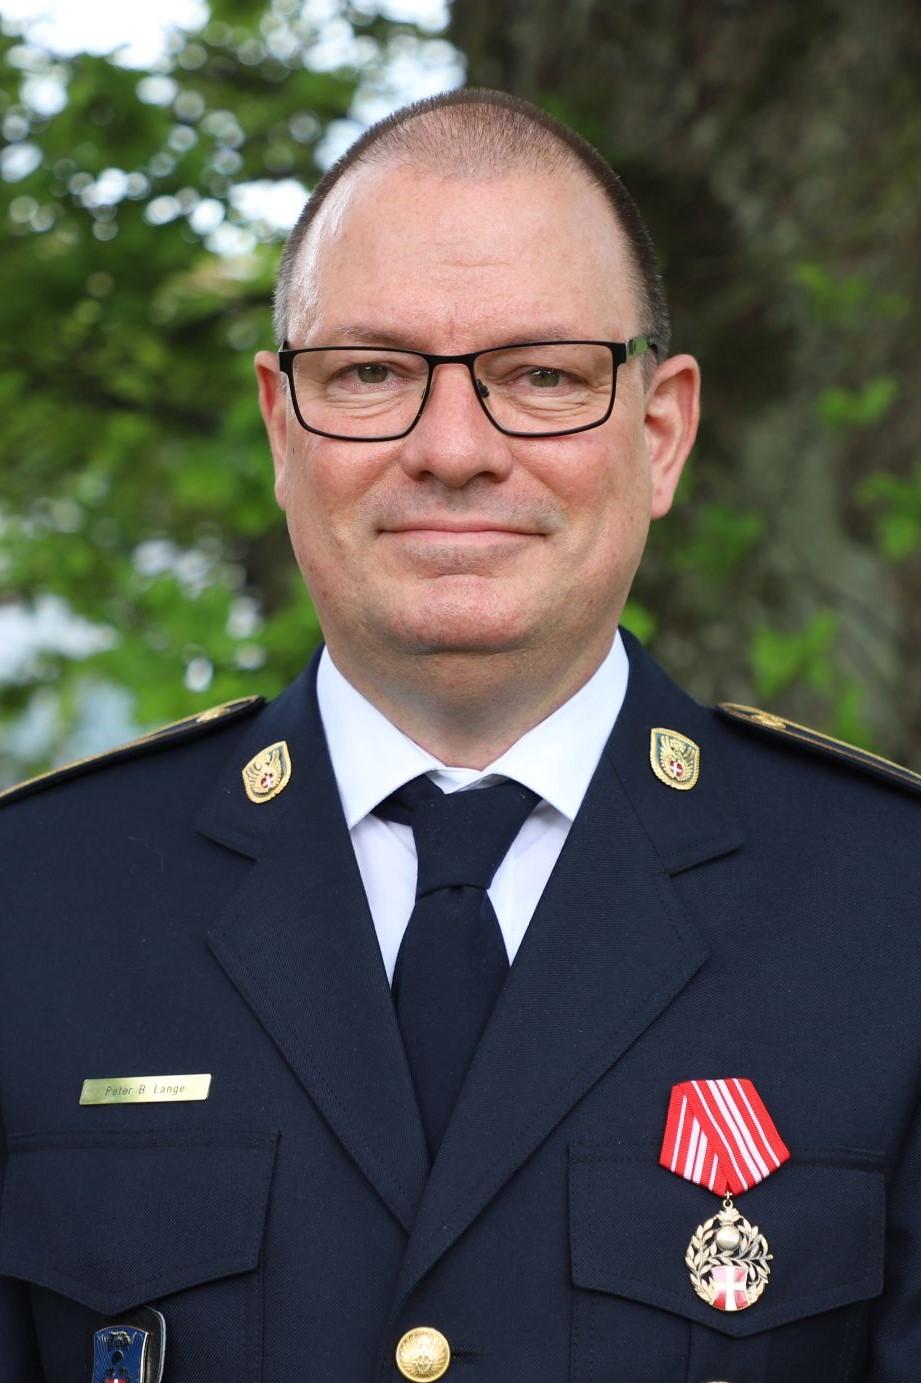 Peter B. Lange